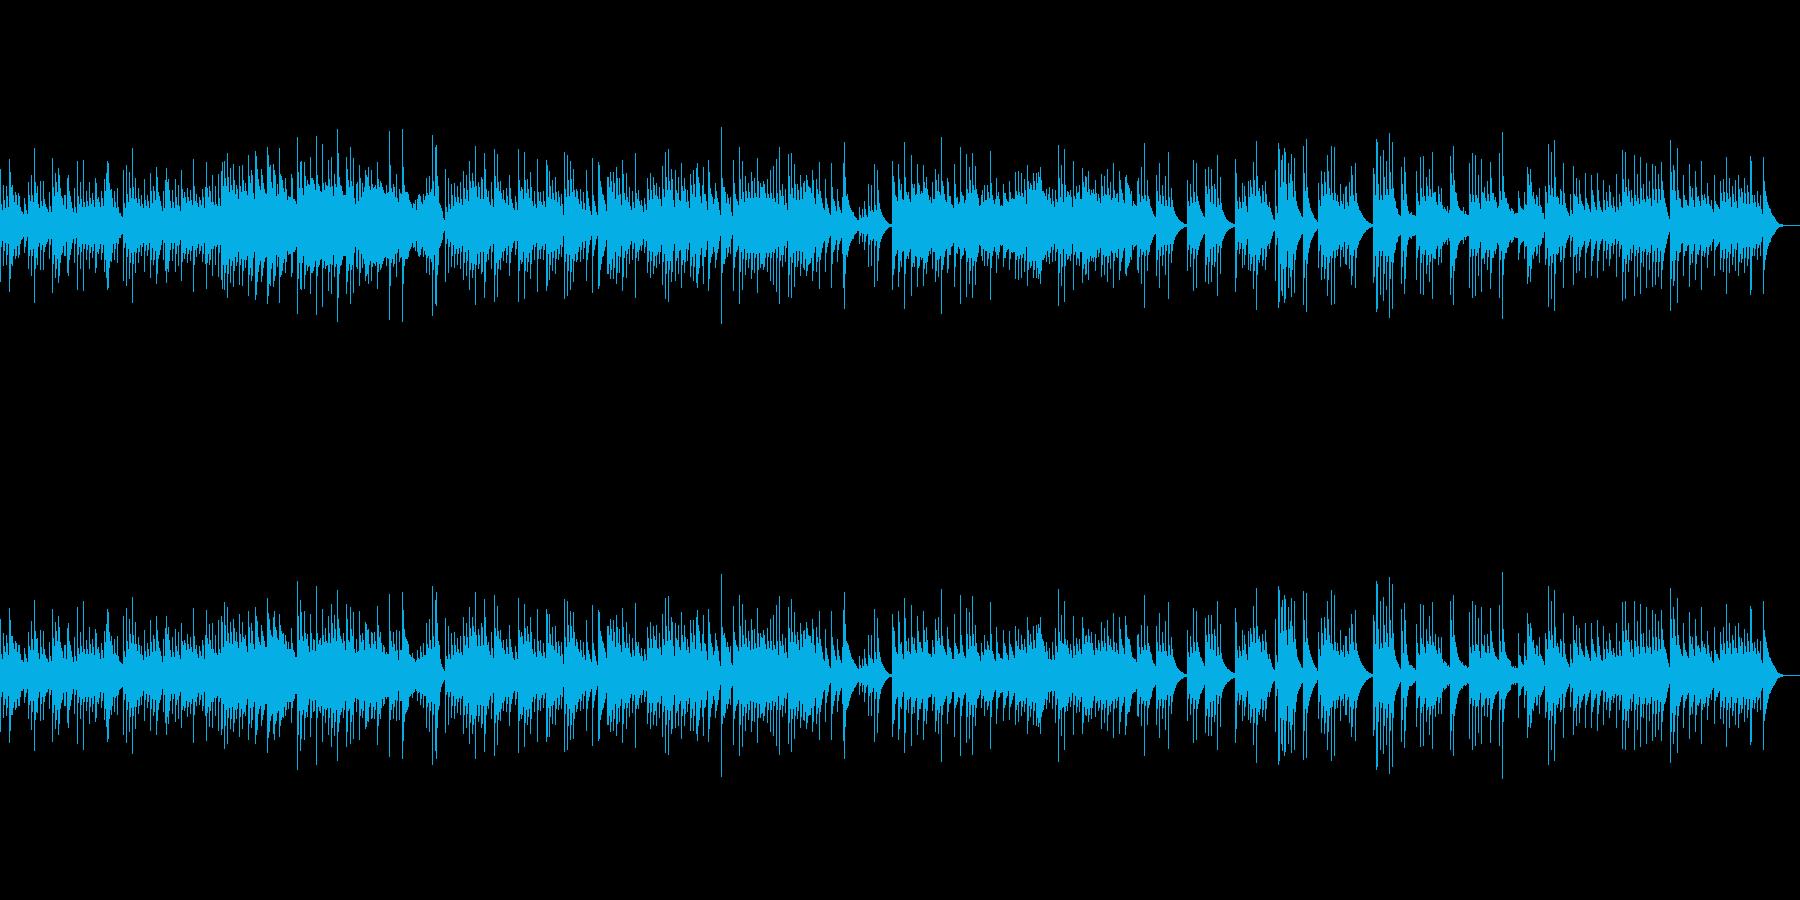 ほんわか優しい雰囲気のオルゴール曲の再生済みの波形